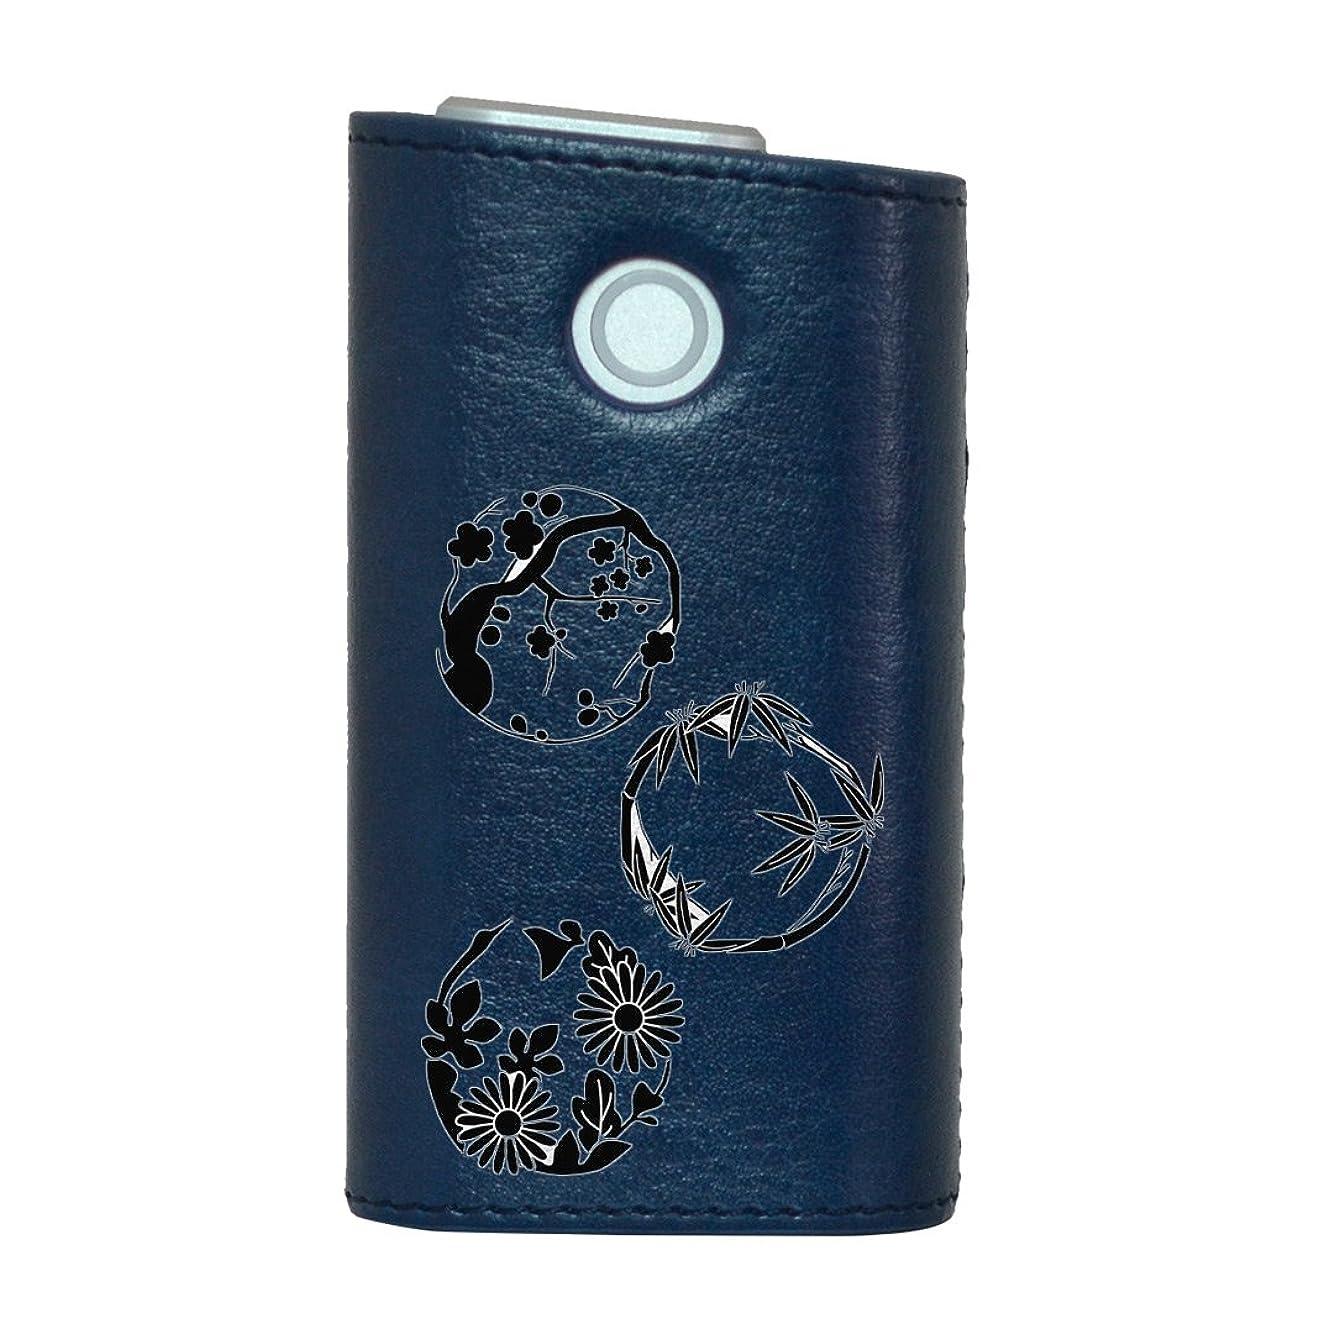 添加インタラクションアクセサリーglo グロー グロウ 専用 レザーケース レザーカバー タバコ ケース カバー 合皮 ハードケース カバー 収納 デザイン 革 皮 BLUE ブルー 和柄 和風 花 014441